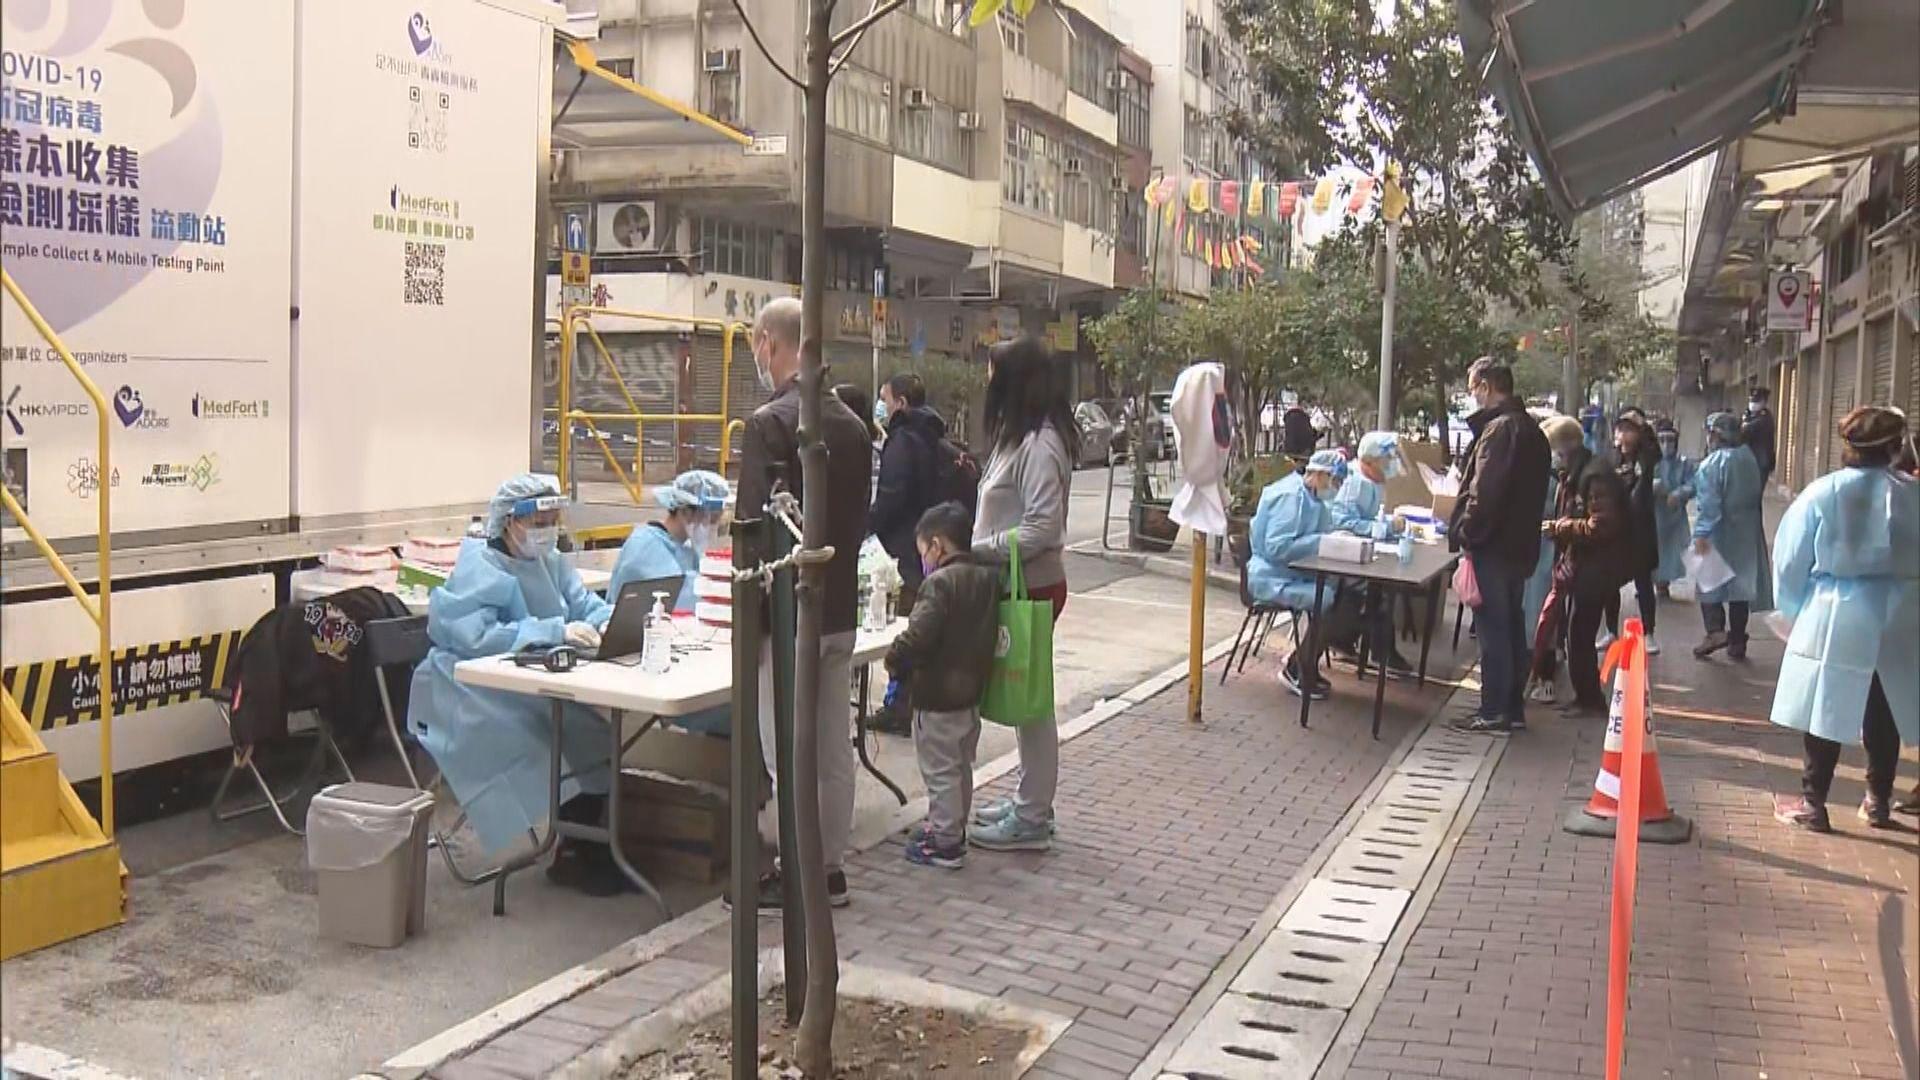 廣東道設流動採樣車 大批居民排隊等候檢測